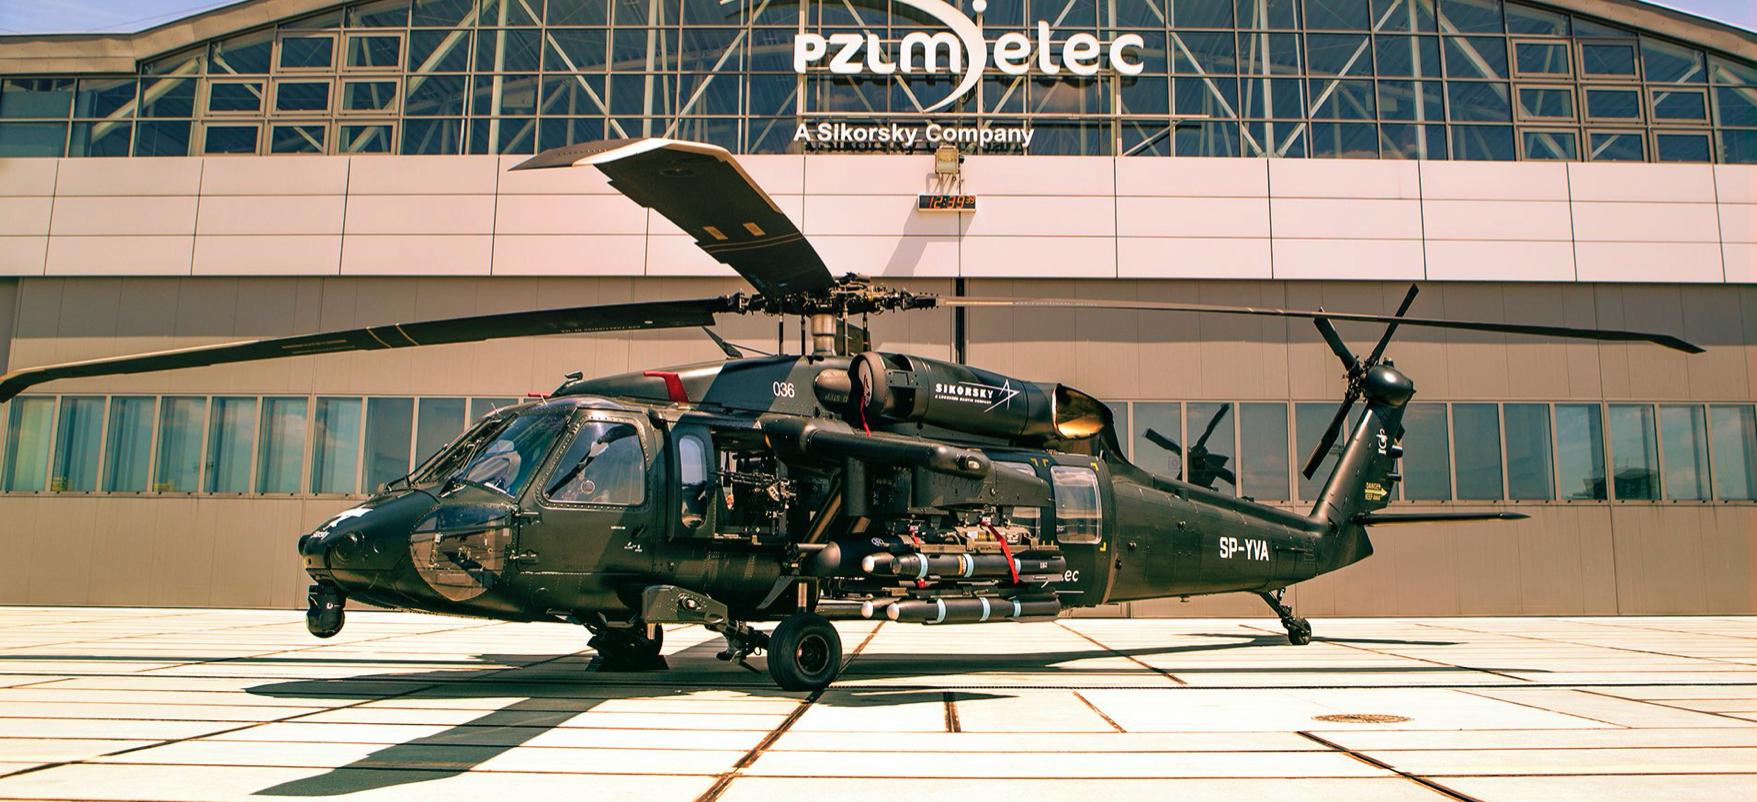 Black Hawk S-70i. 2019. Photo by Lockheed Martin